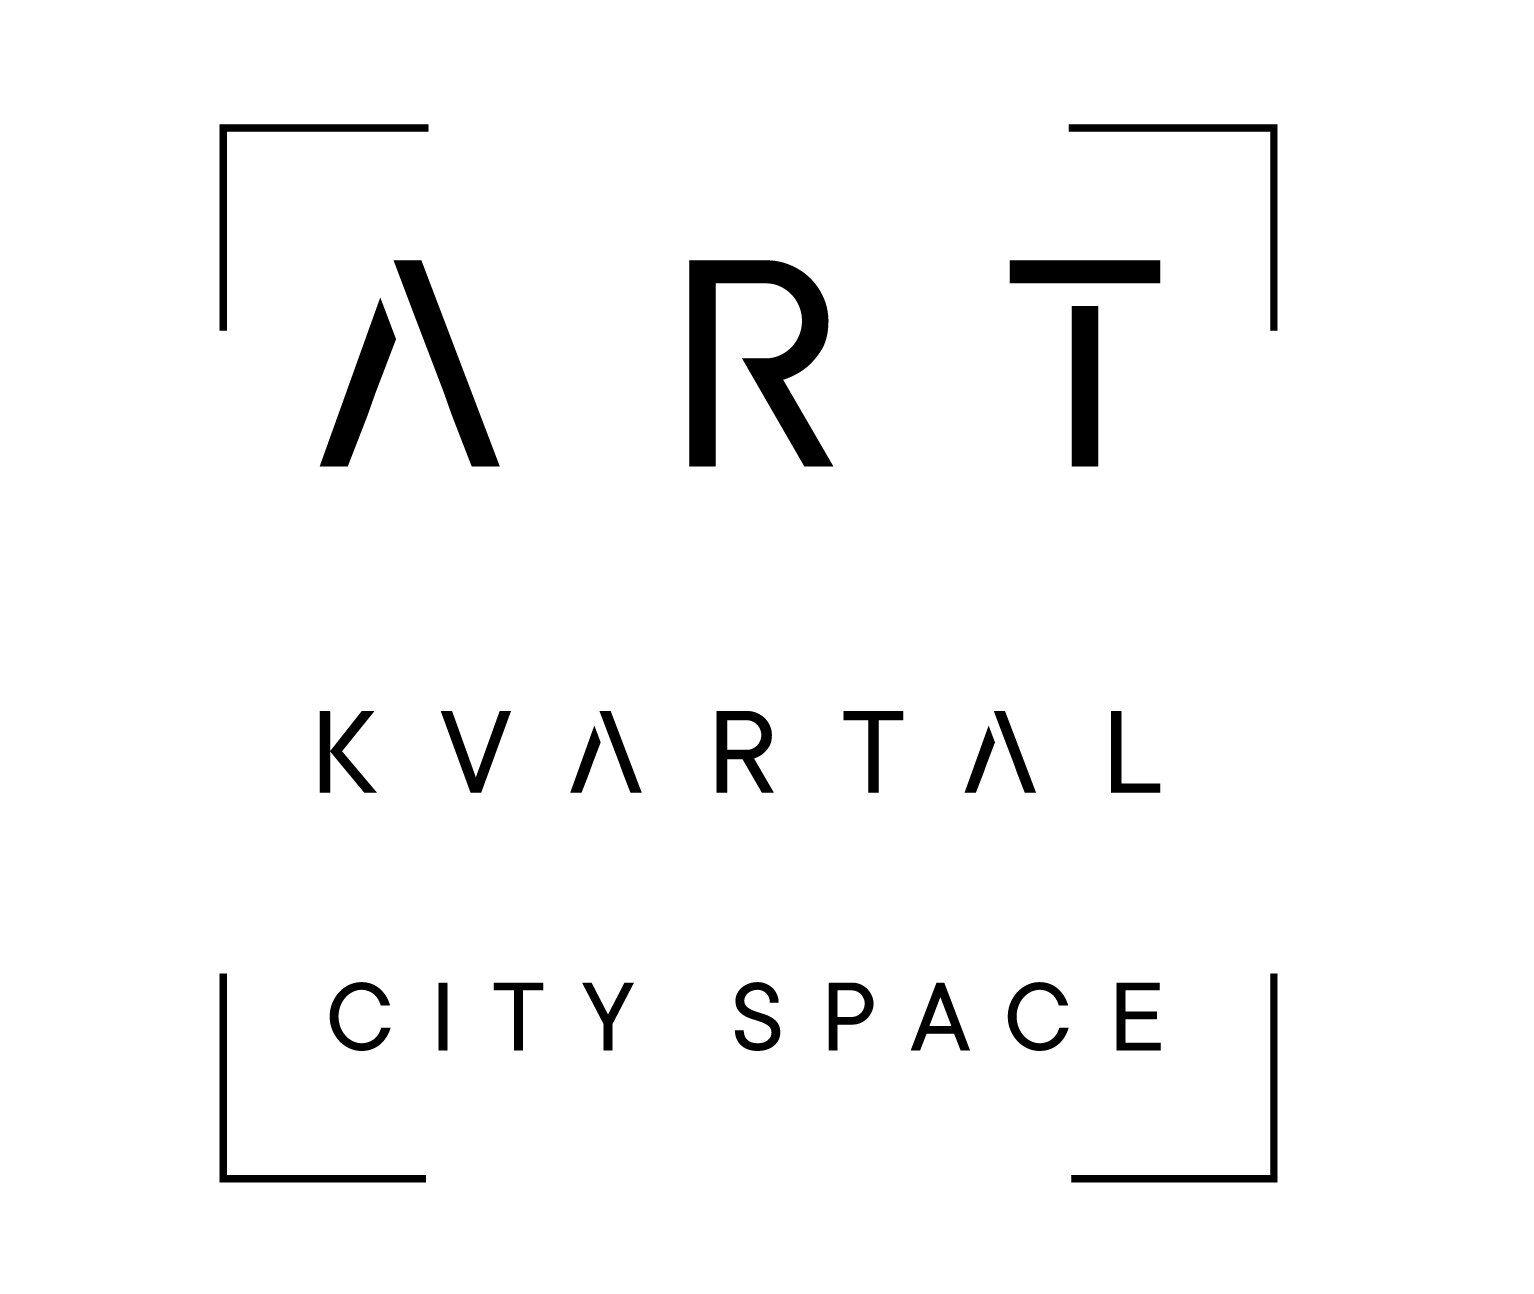 Три крупных компании вышли из проекта Art Kvartal City Space в Одессе